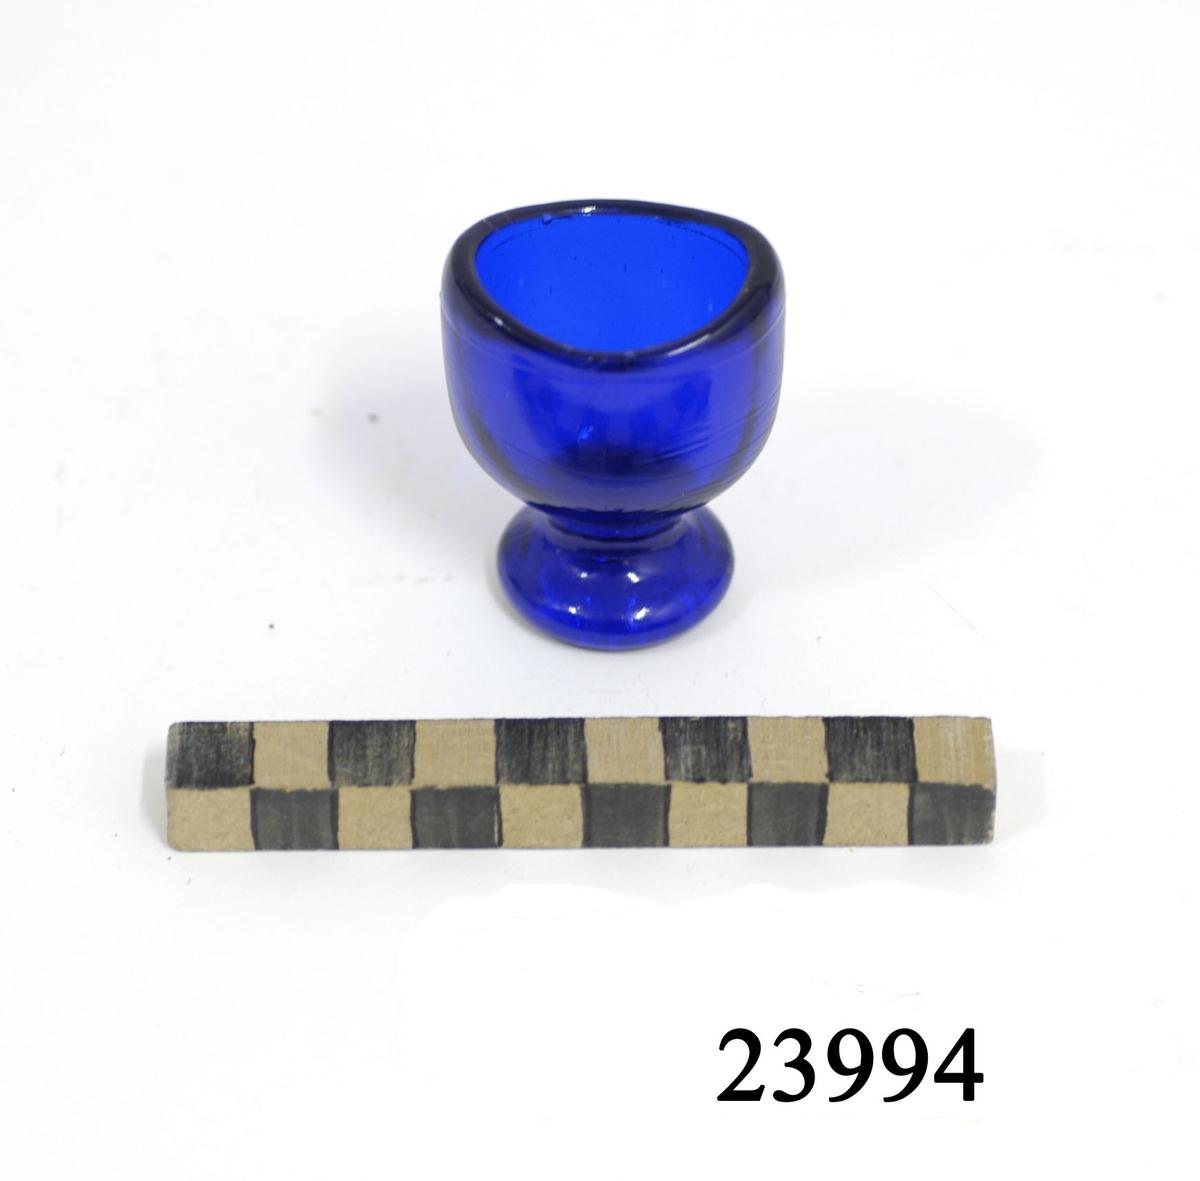 Ovalformat blått glas på låg rund fot. Glasets långsidor något konkava för att bättre passa runt ögonhålan.